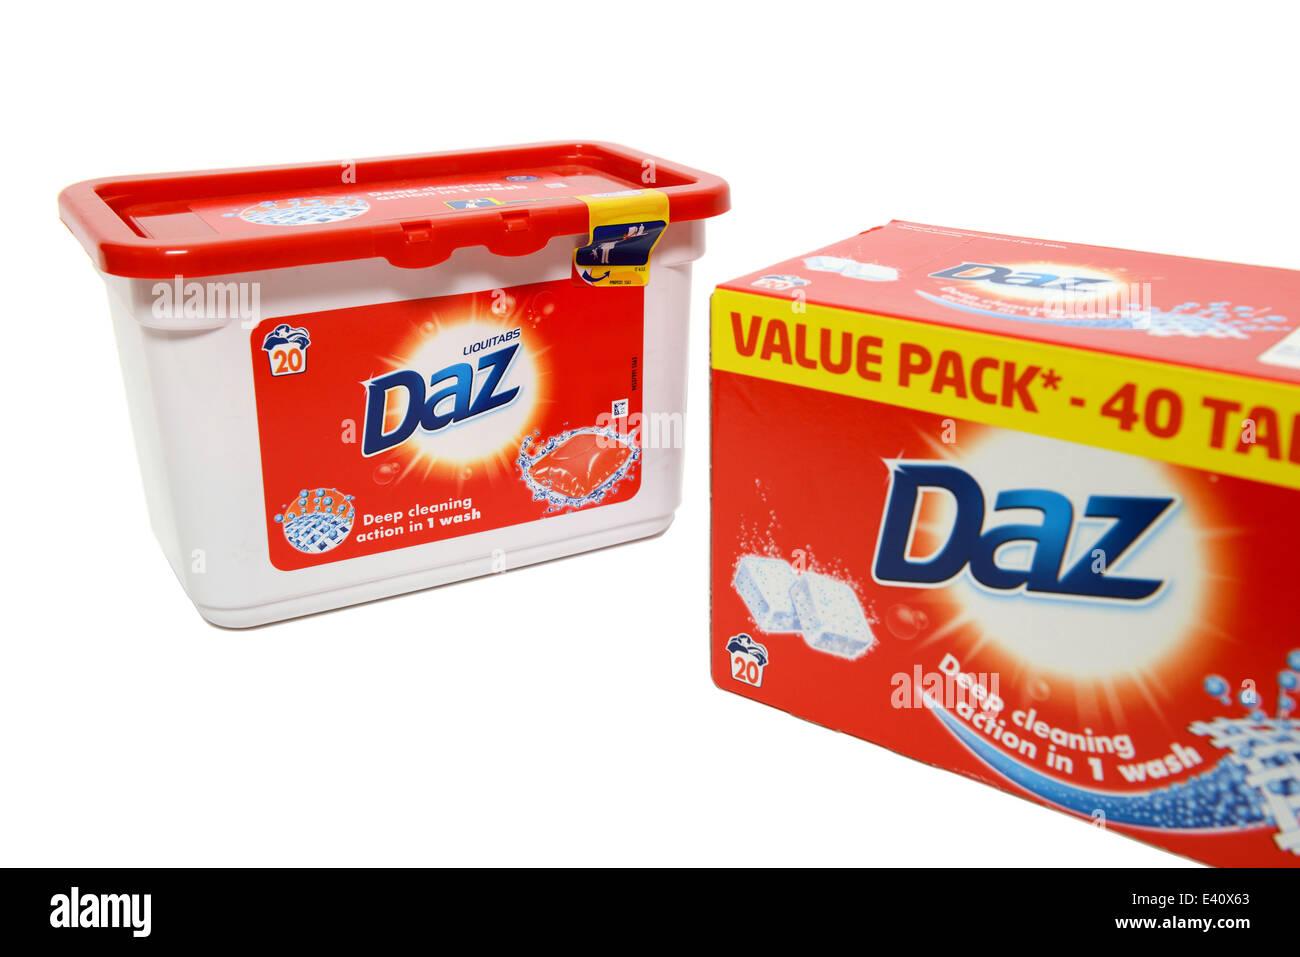 Daz Laundry Detergent - Stock Image